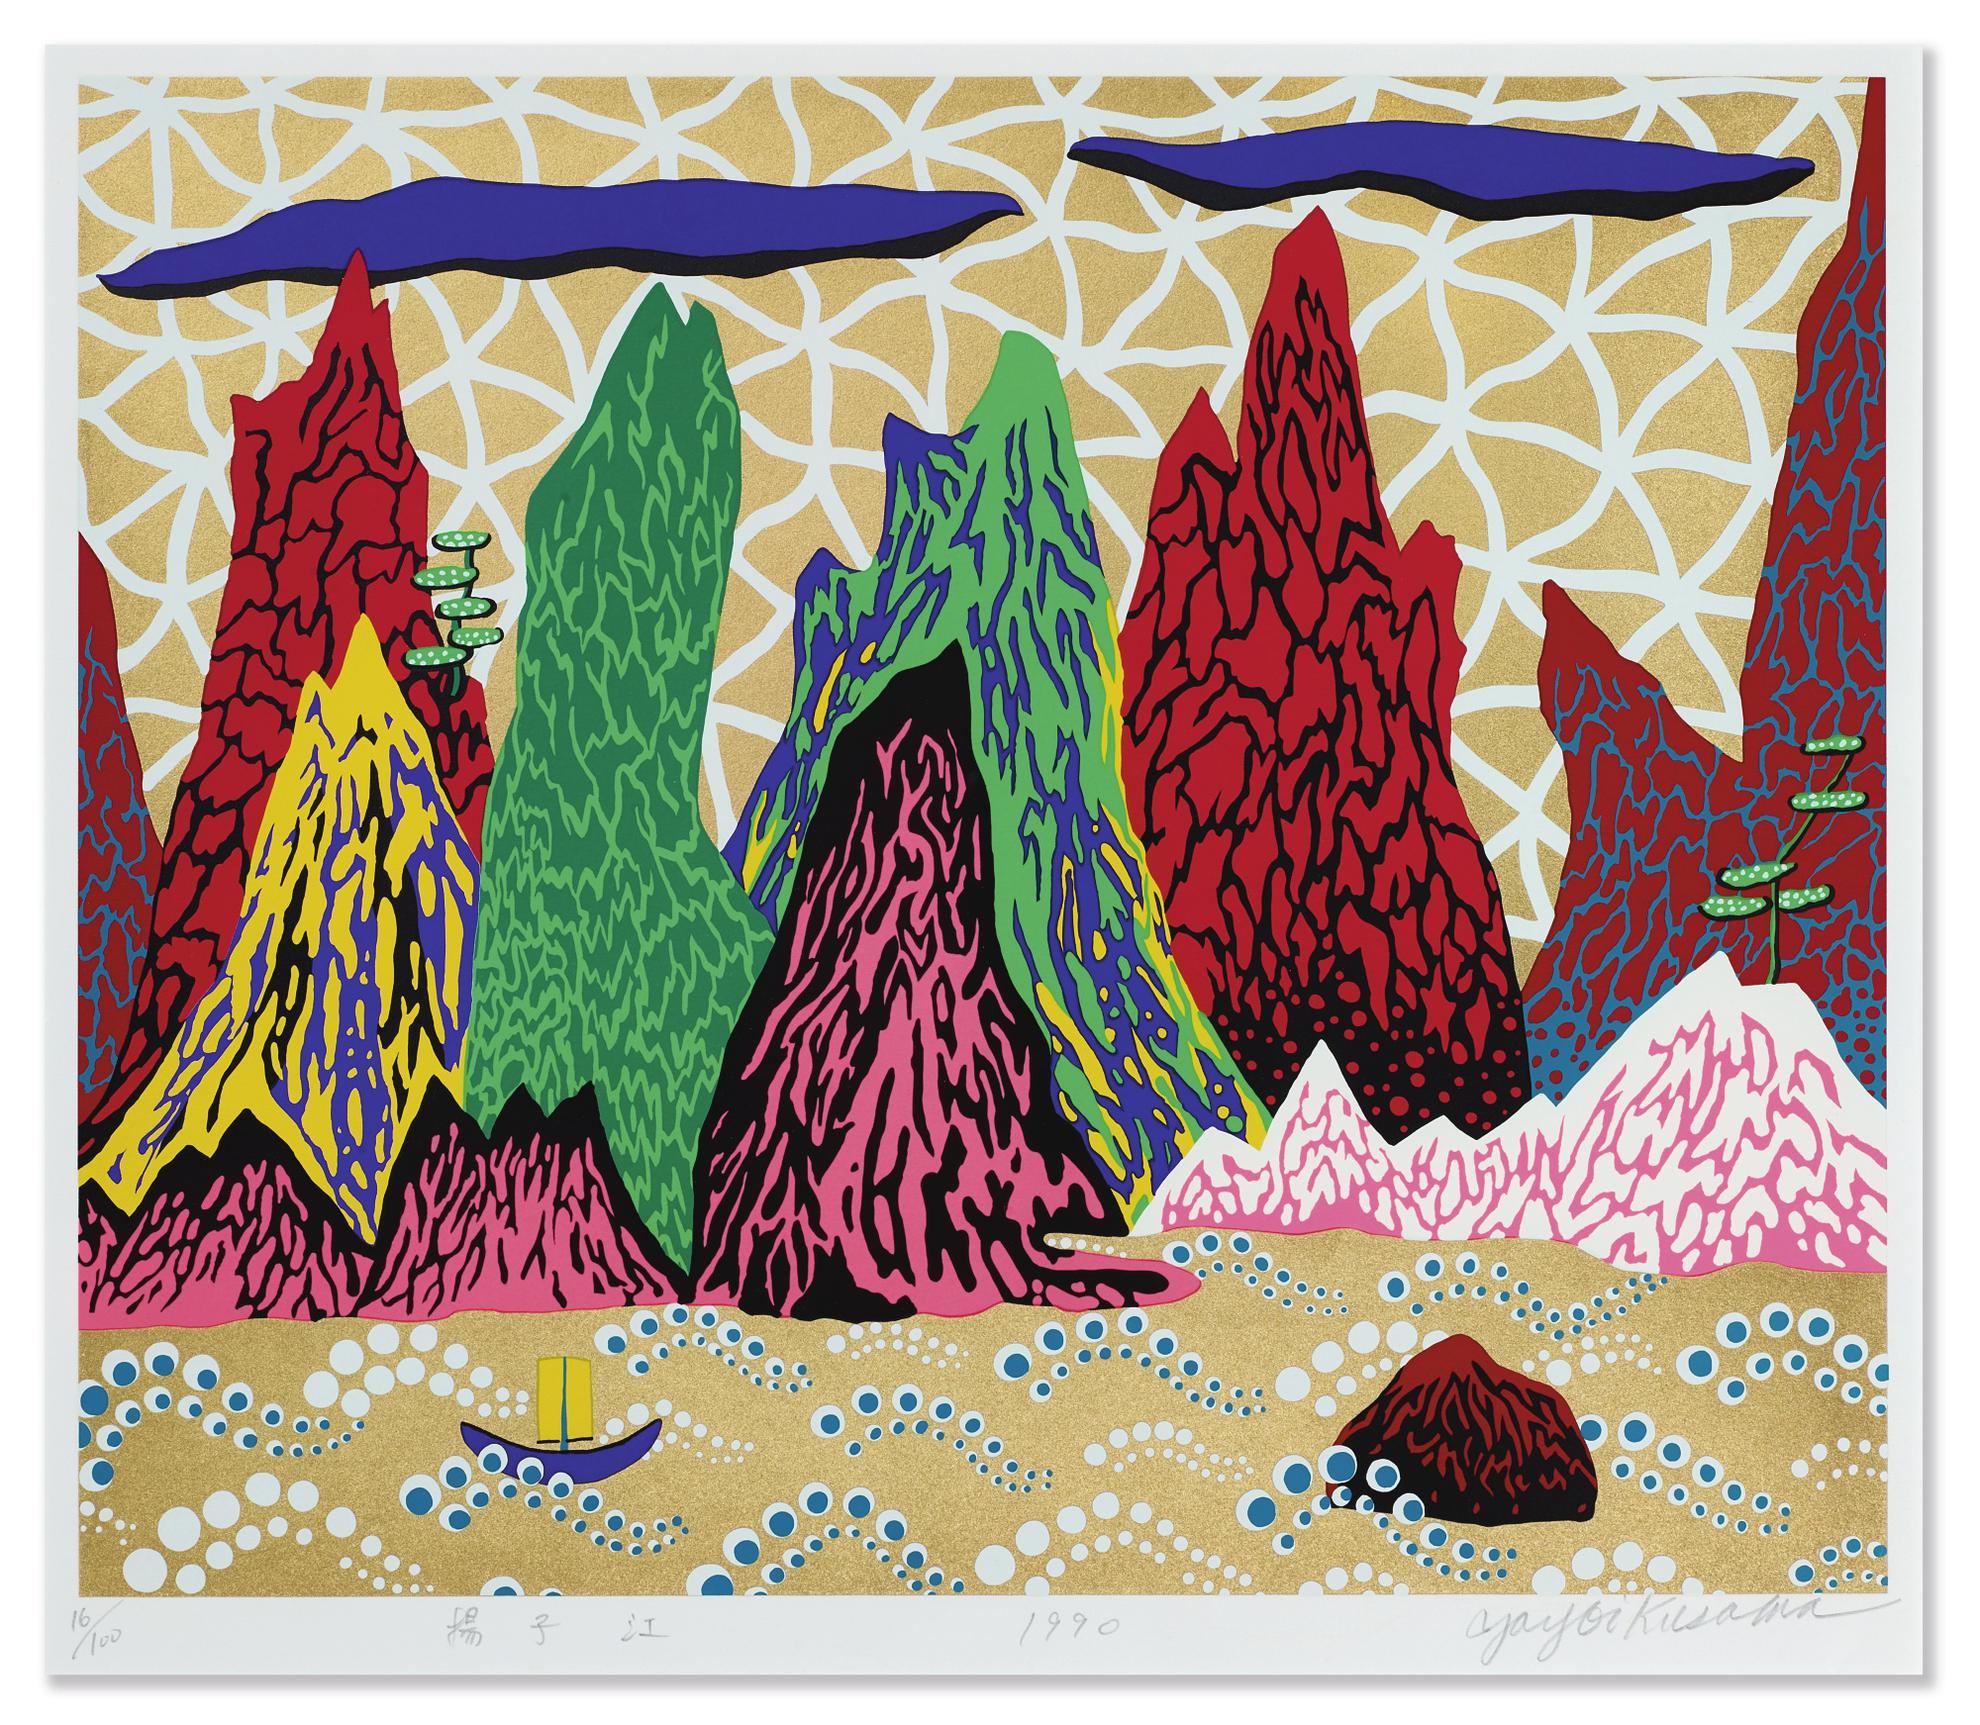 Yayoi Kusama-The Yangtze River-1990